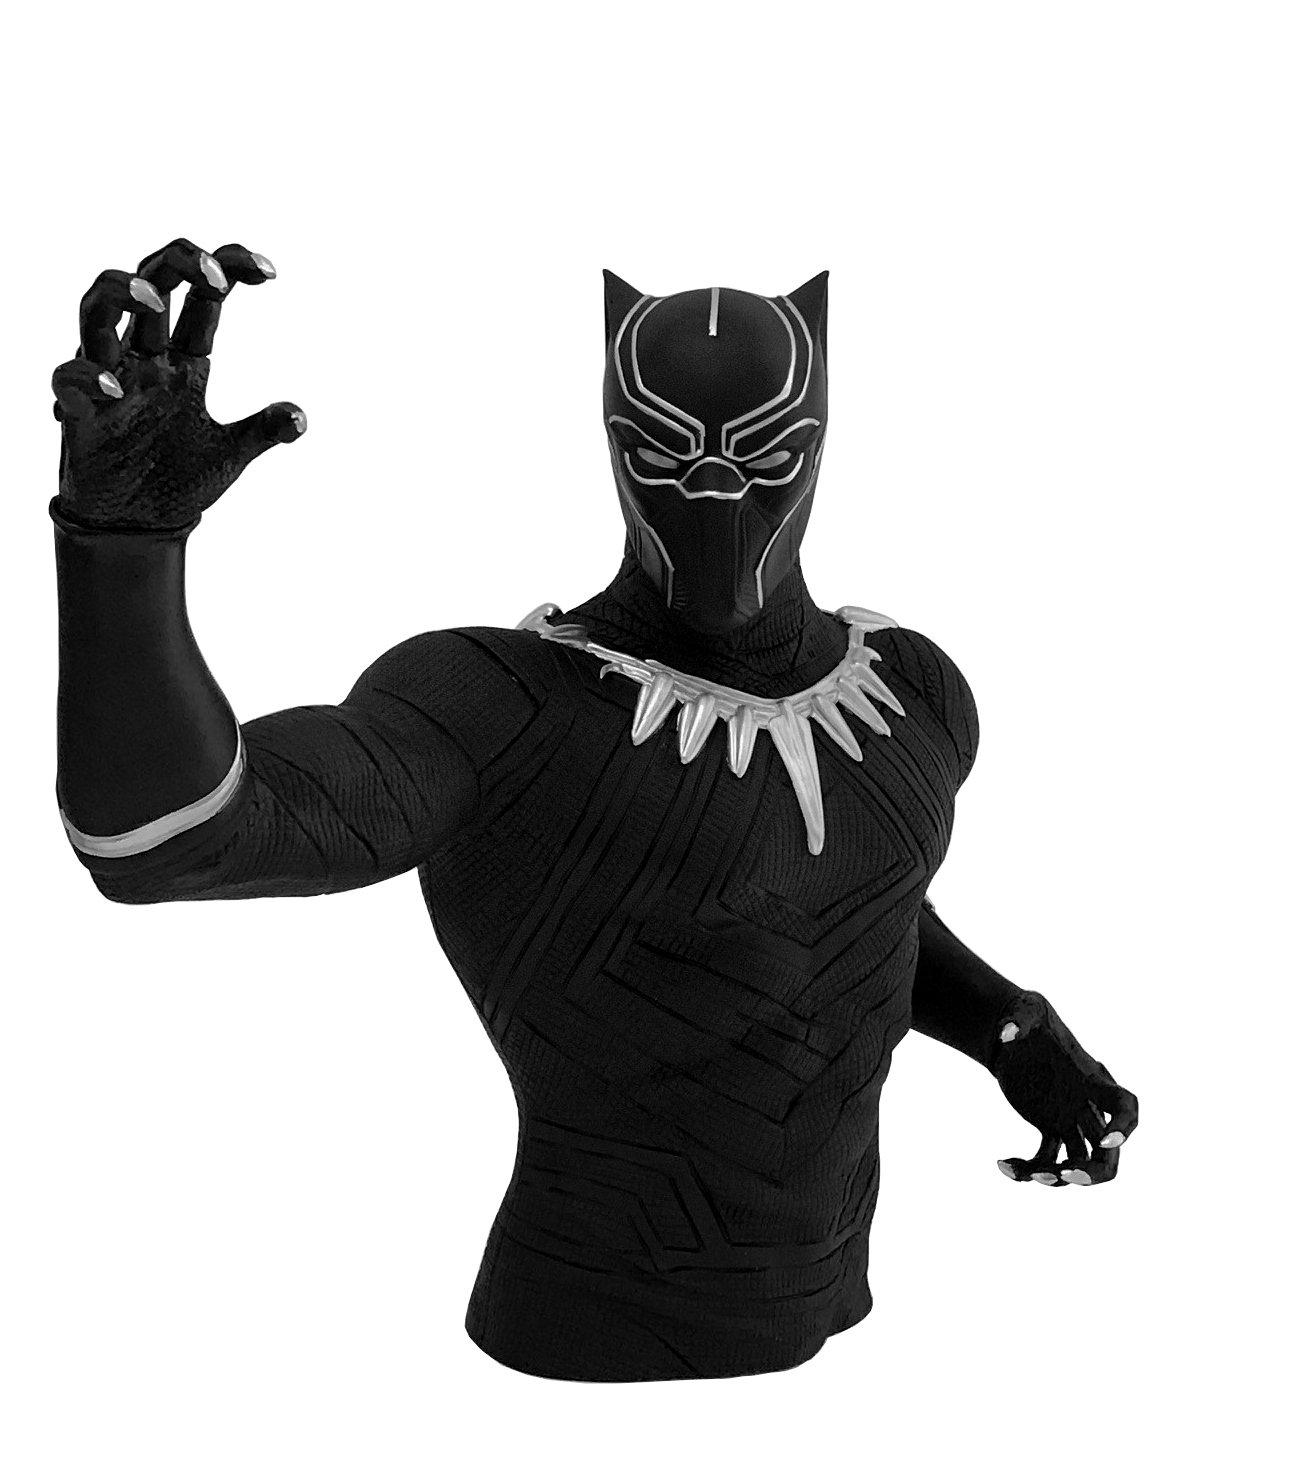 Marvel Black Panther Bust Bank Action Figure